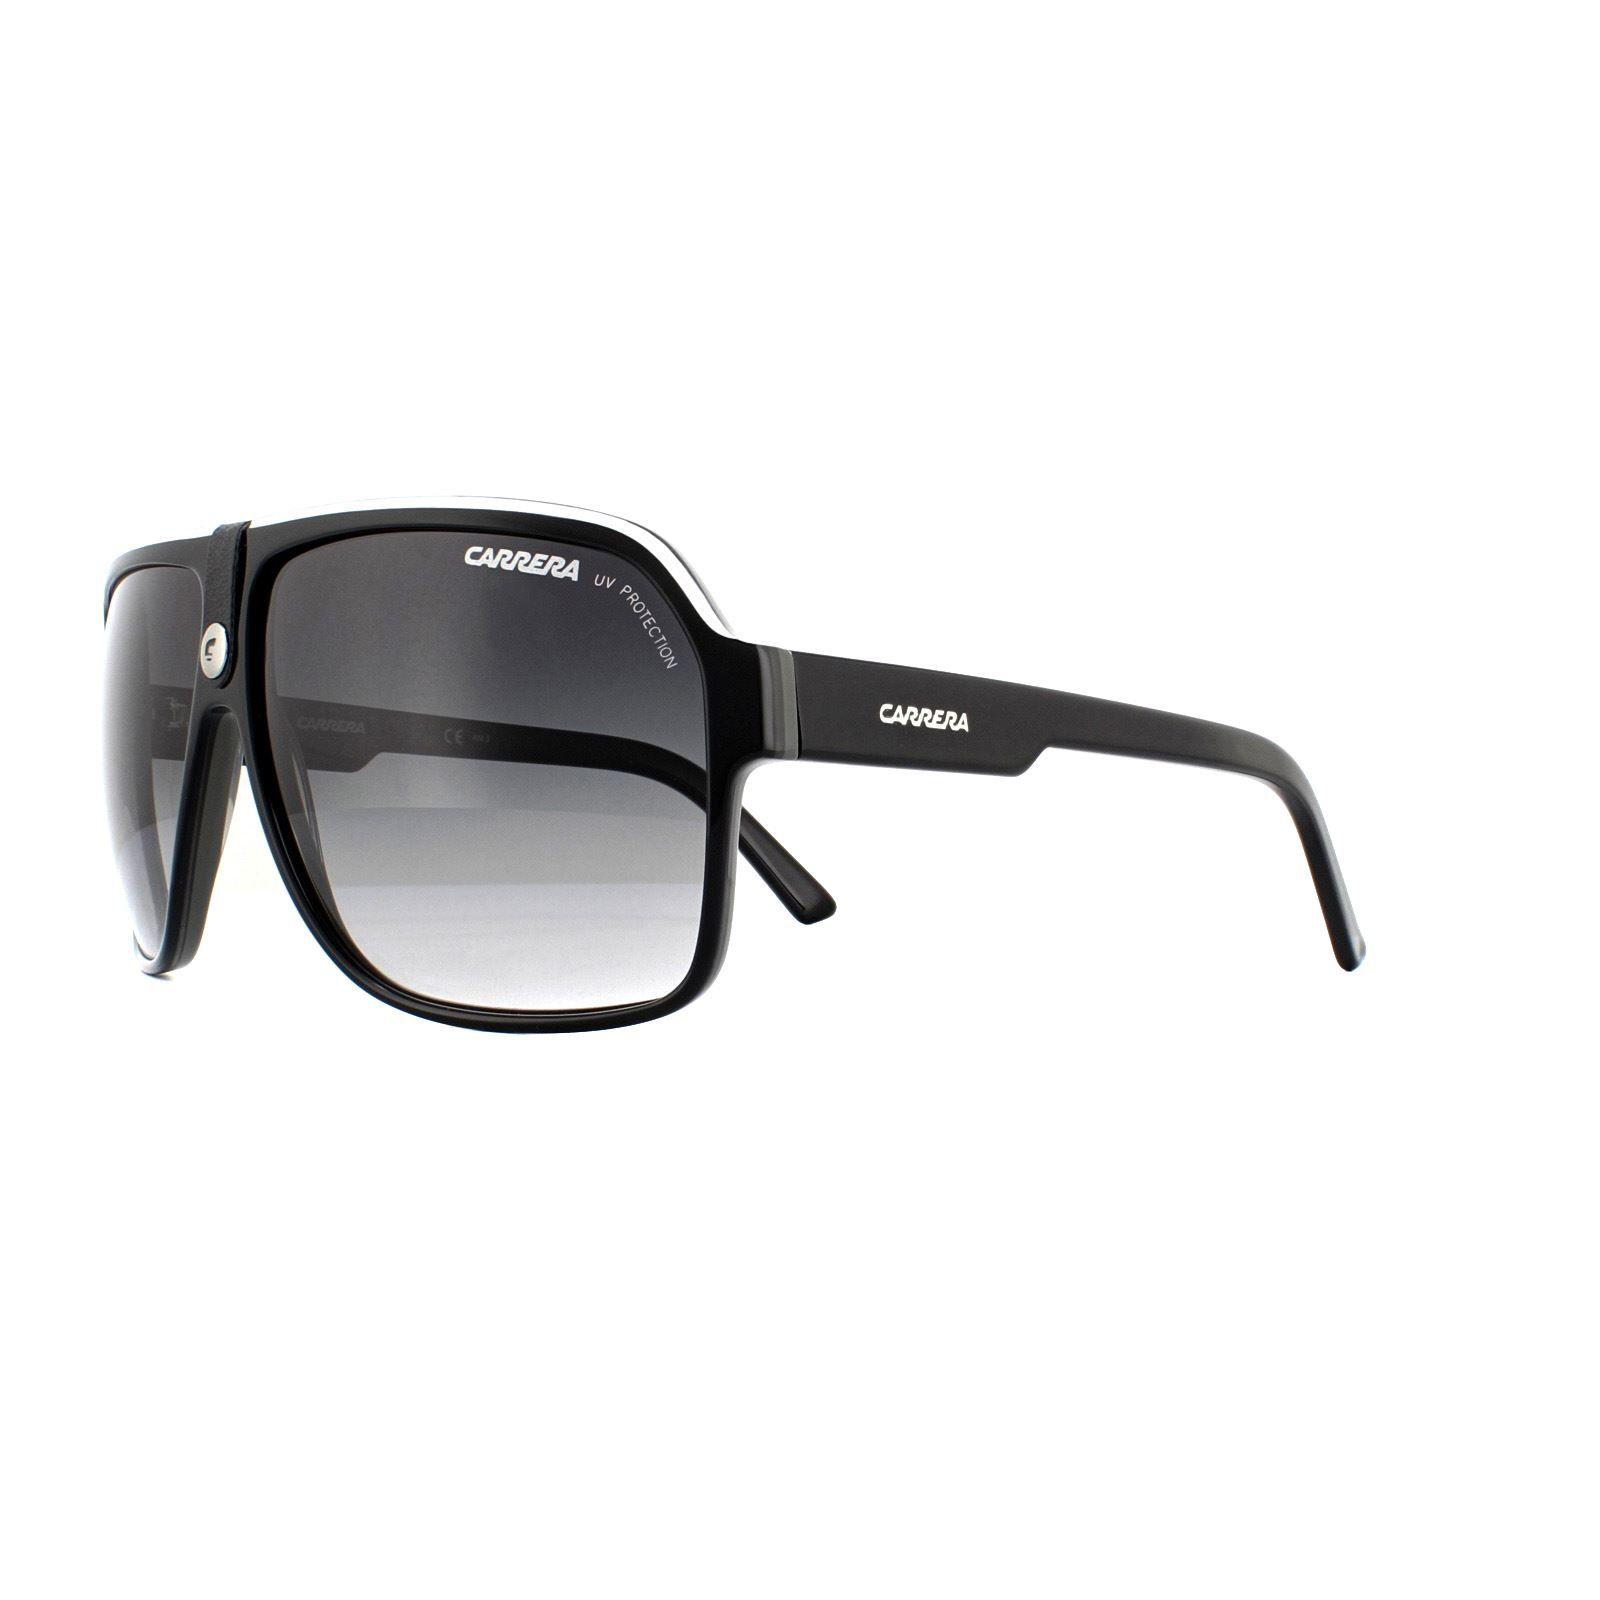 Carrera Sunglasses Carrera 33 8V6 9O Black and White Grey Gradient